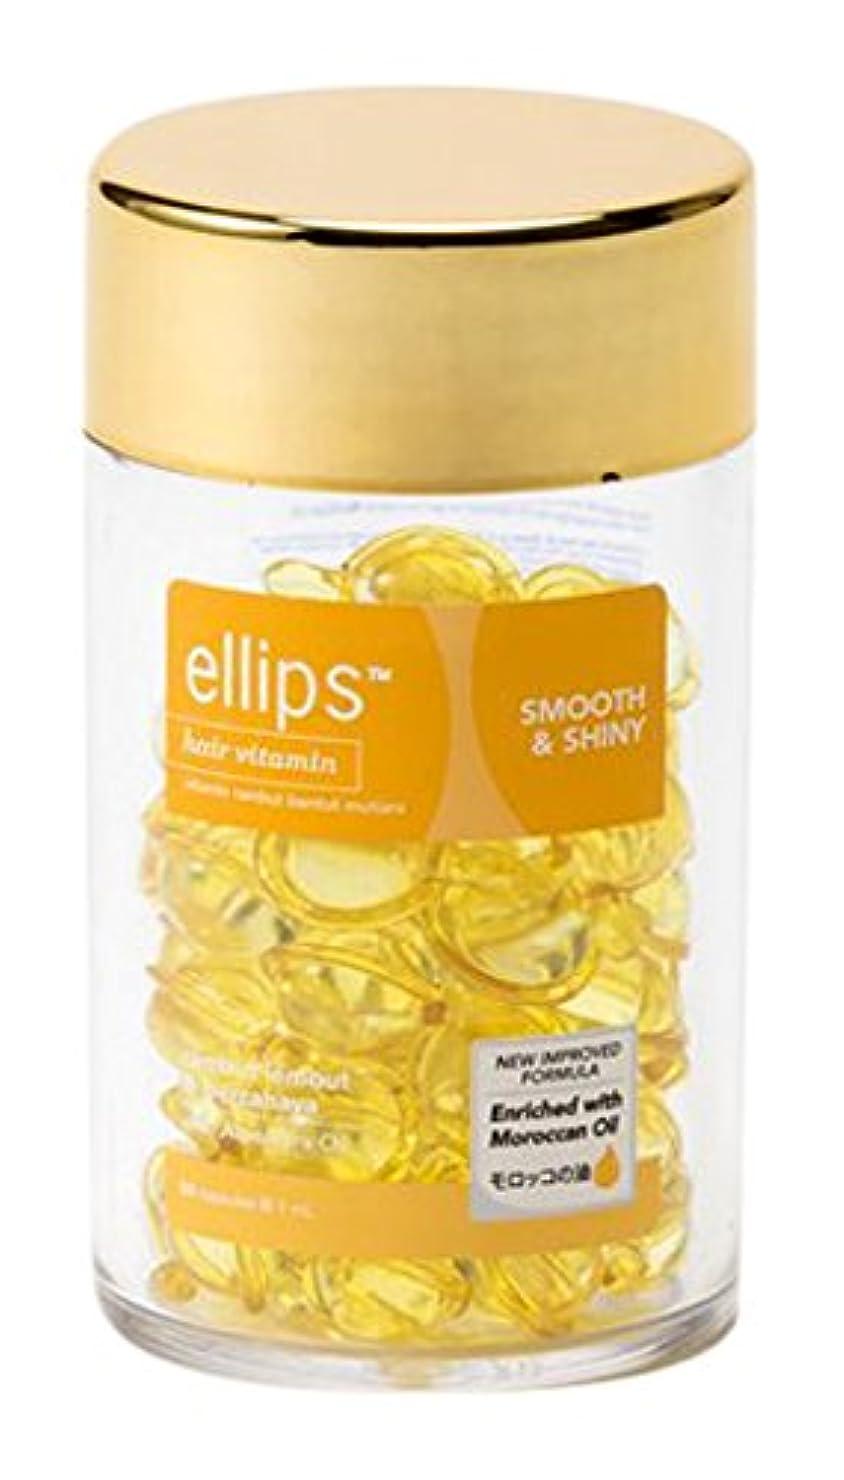 正当化する雑品脚本家エリップス(ellips)スムース&シャイニー(フレッシュ トロピカル フルーツの香り) ボトル50粒